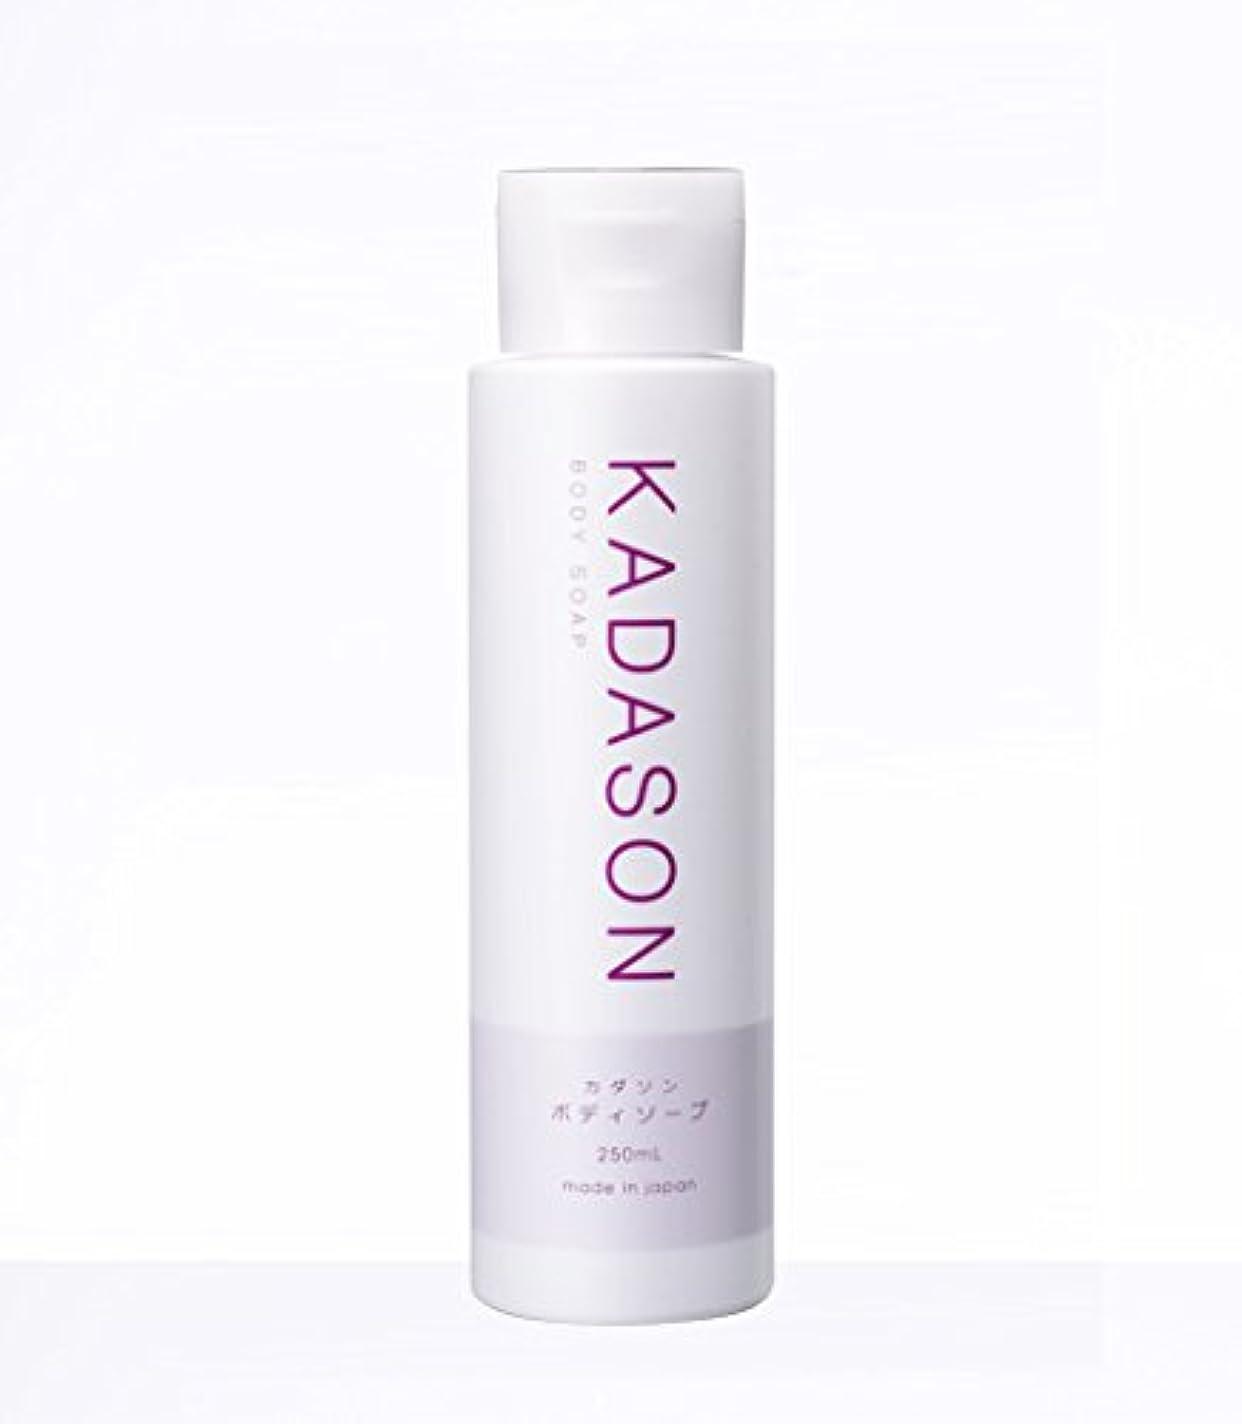 酸化物静める何十人もKADASON(カダソン) ボディーソープ【脂漏性皮膚炎専門医が監修】身体のカユミを抑える洗顔もできるボディソープ